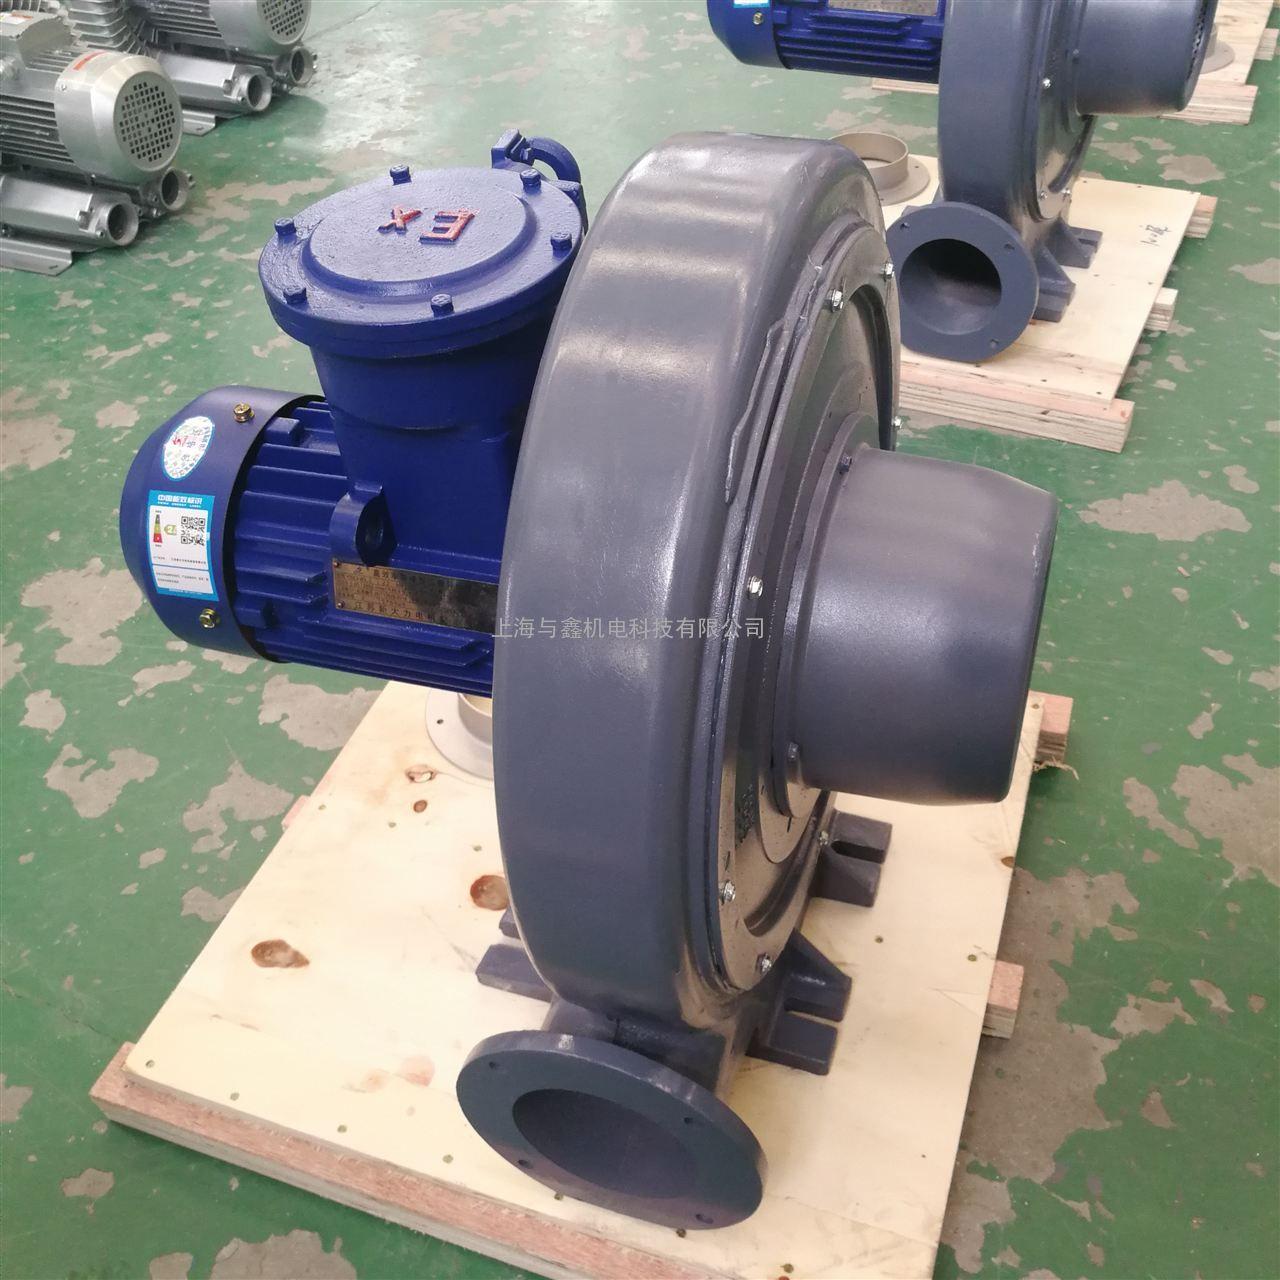 工业防爆漩涡气泵